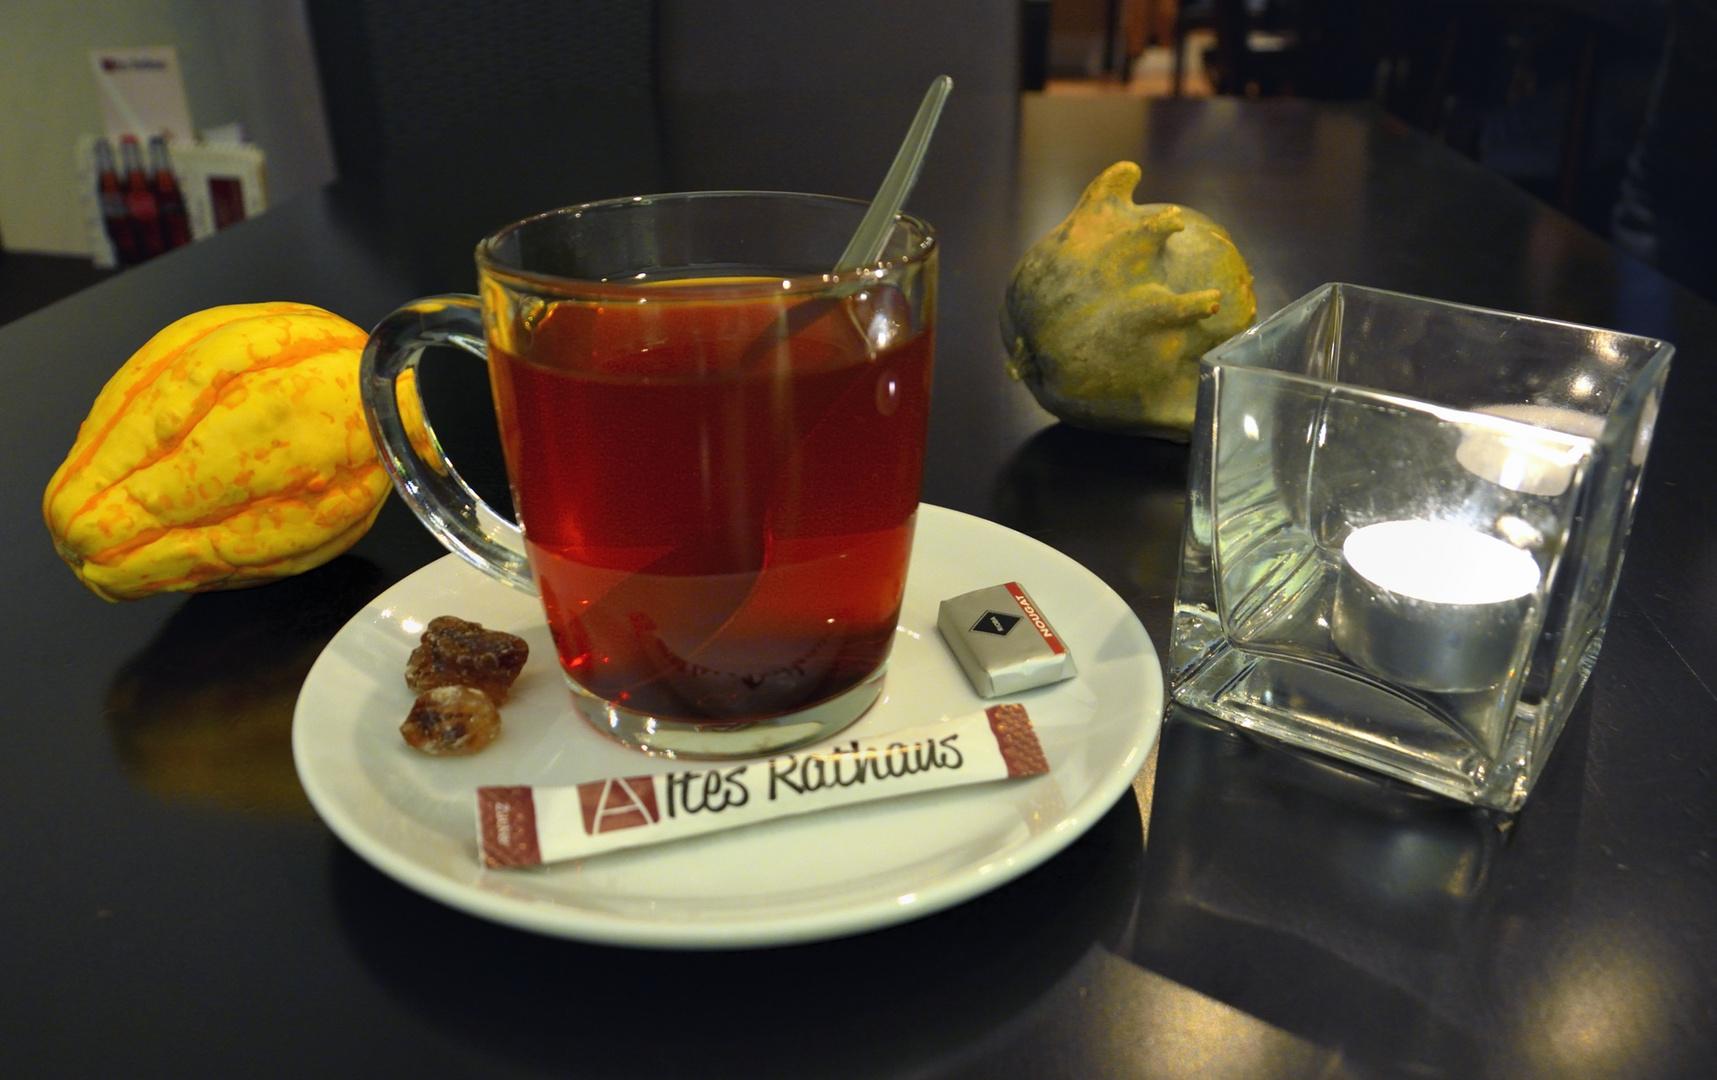 Tea @ midnight